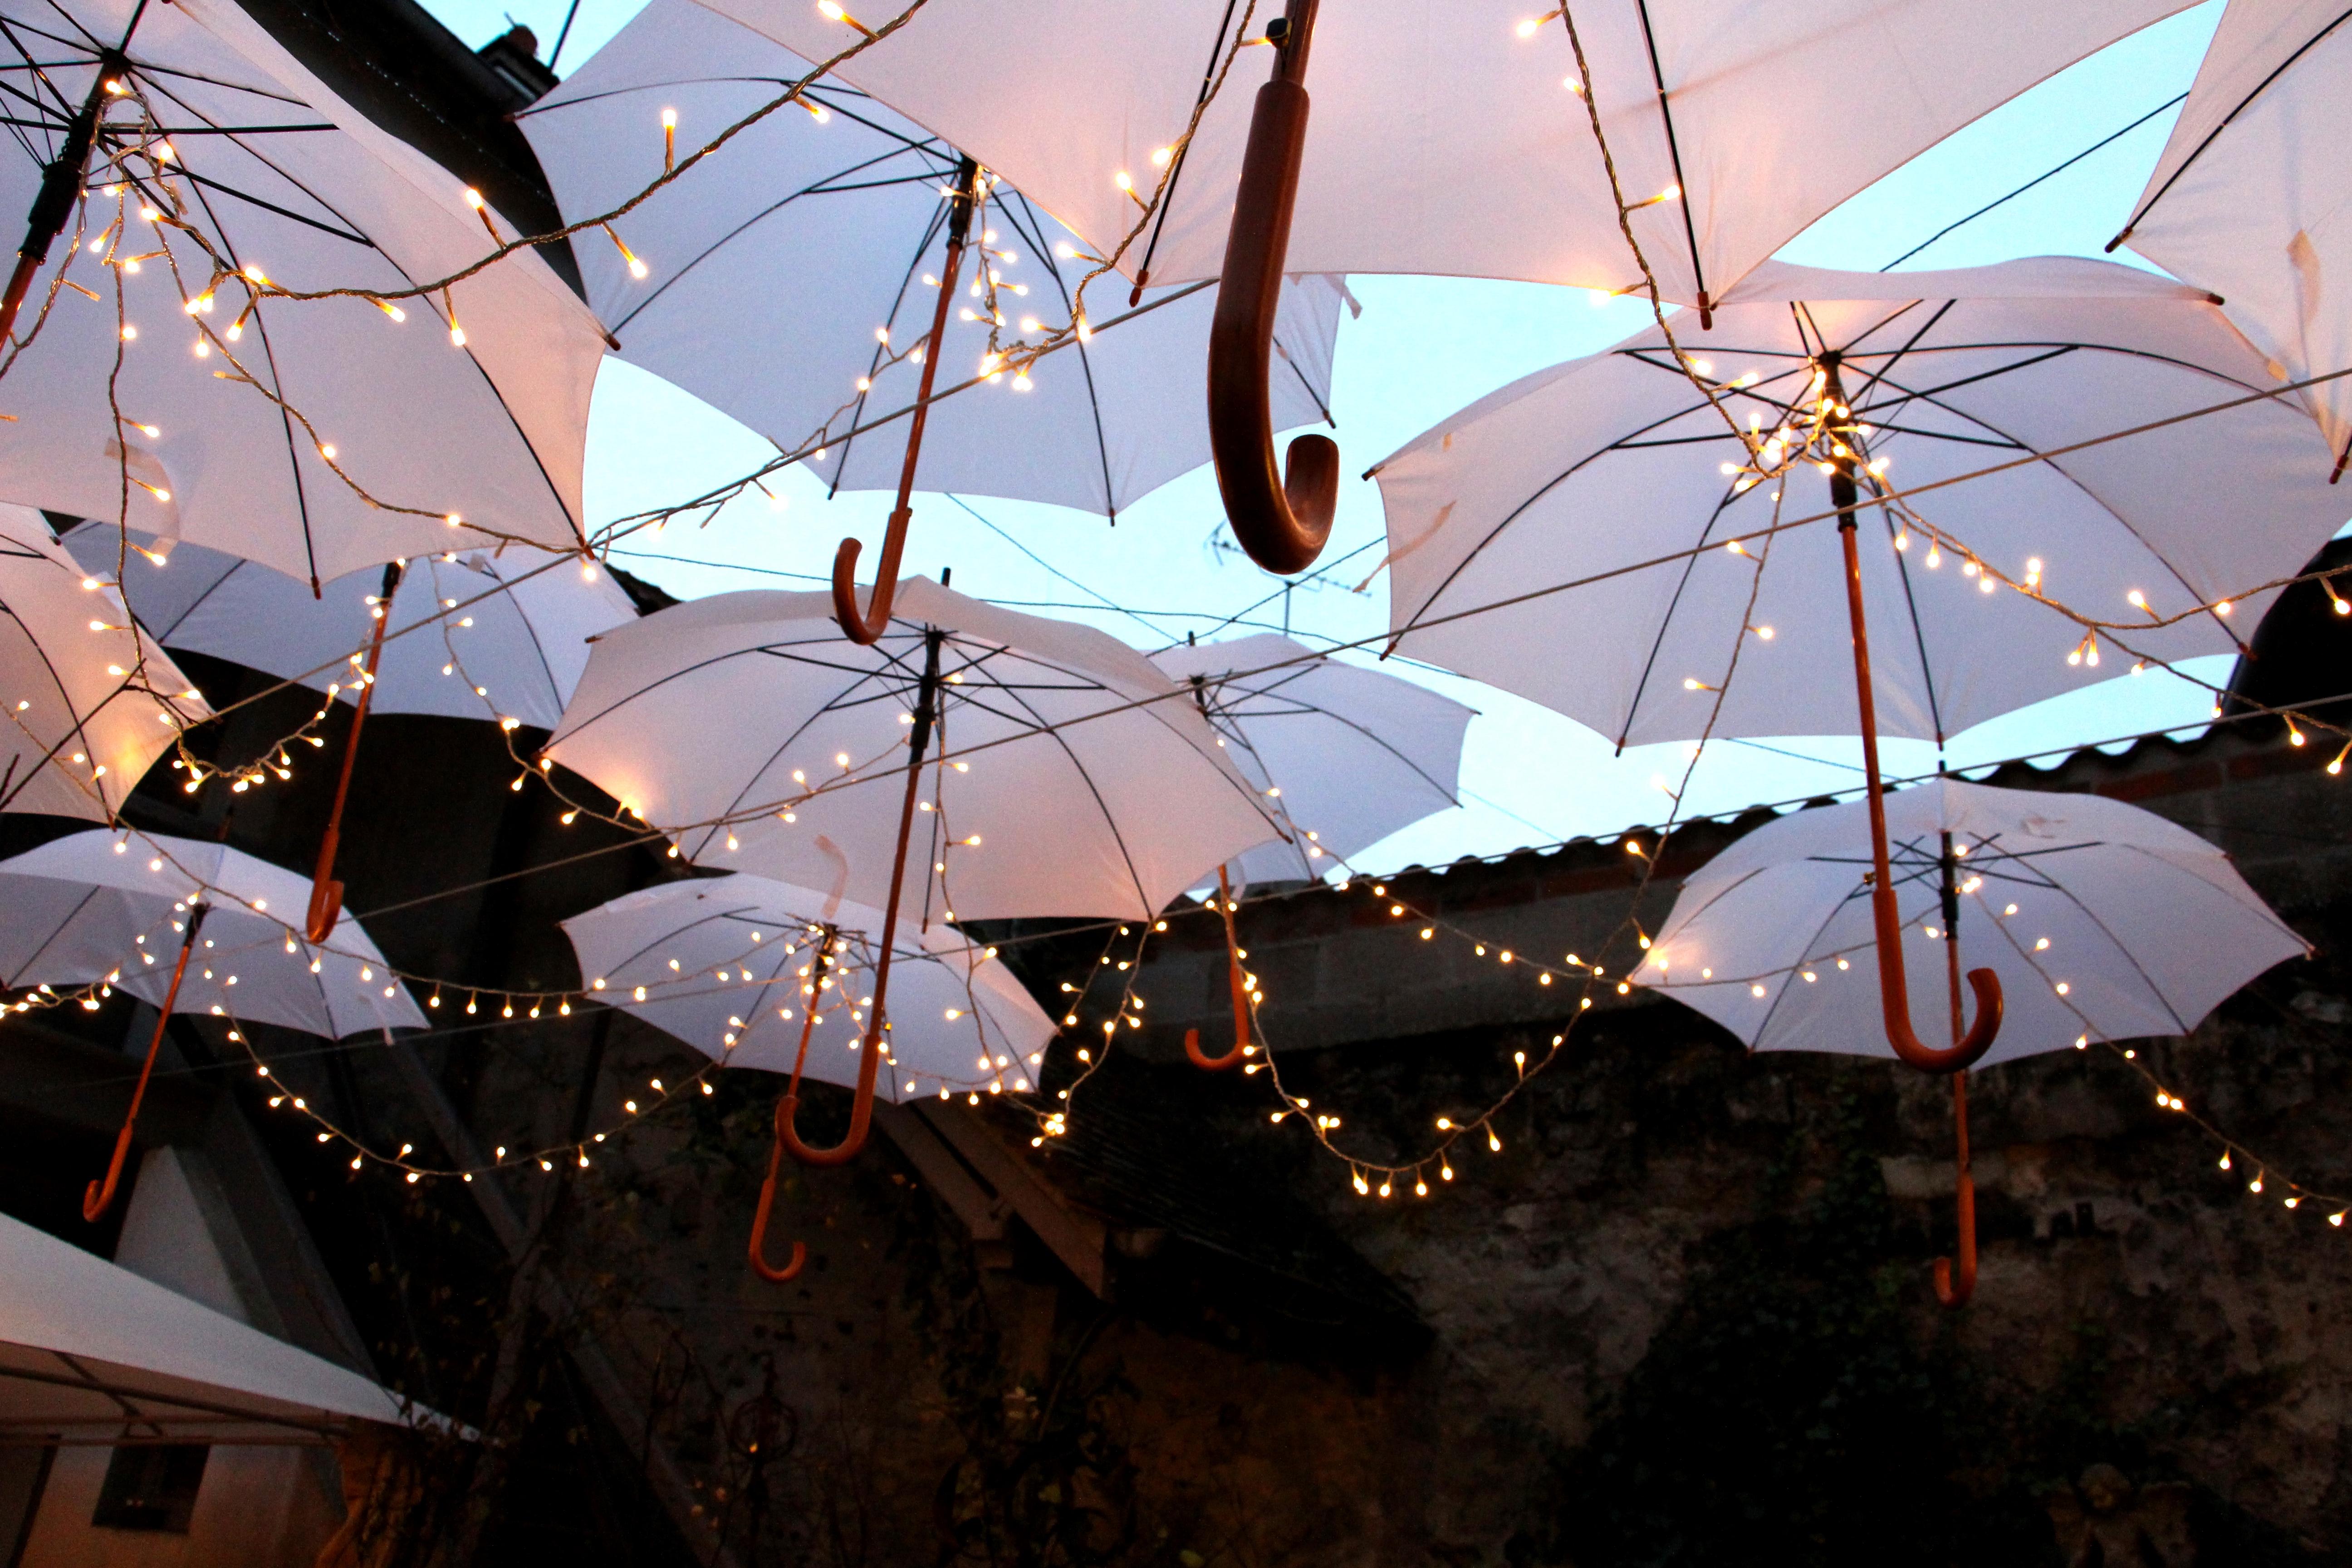 Blanche sous les parapluies